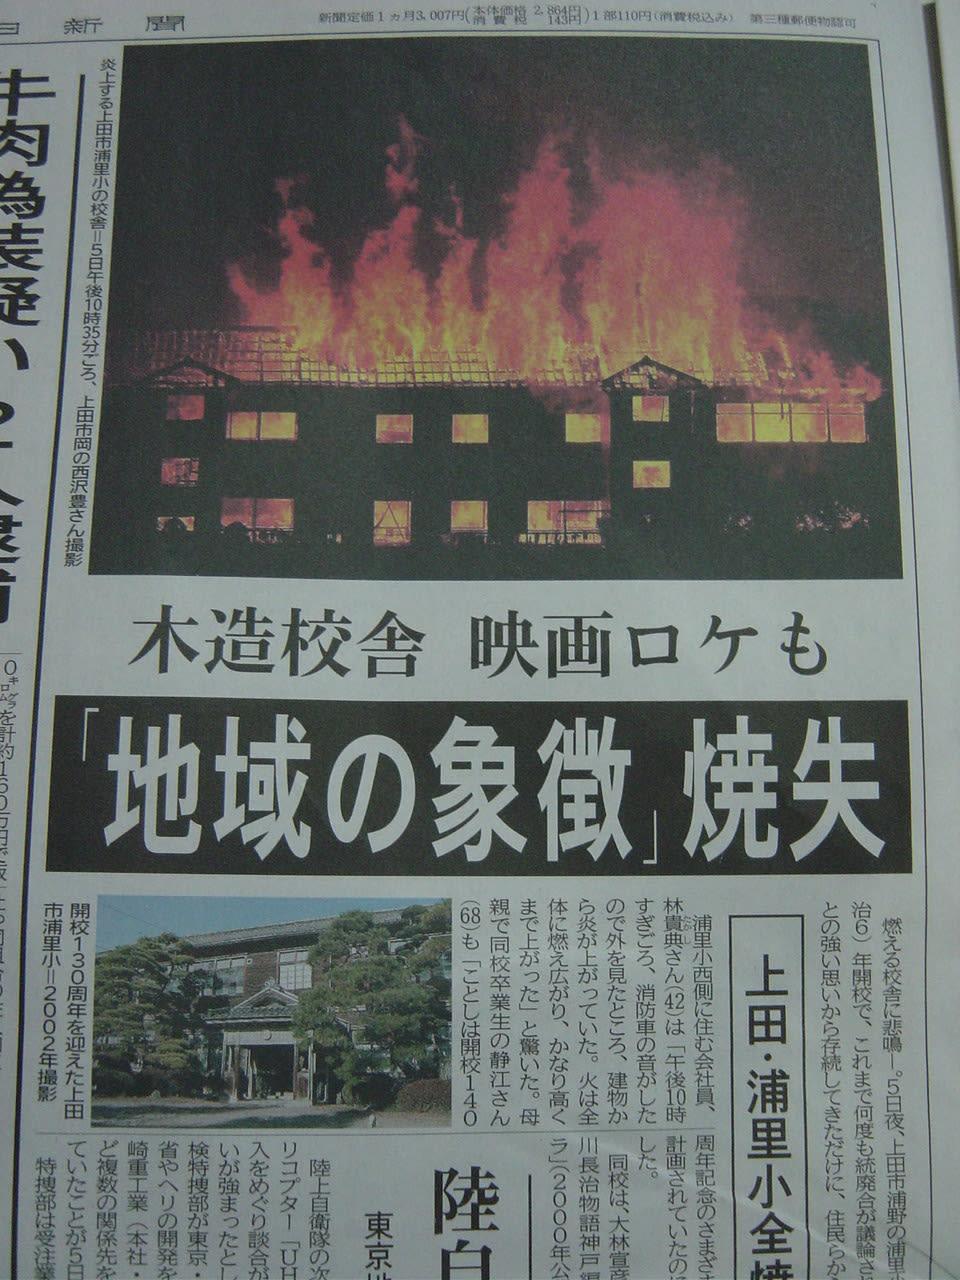 上田市鶏鴨料理かぶらやgooブログ